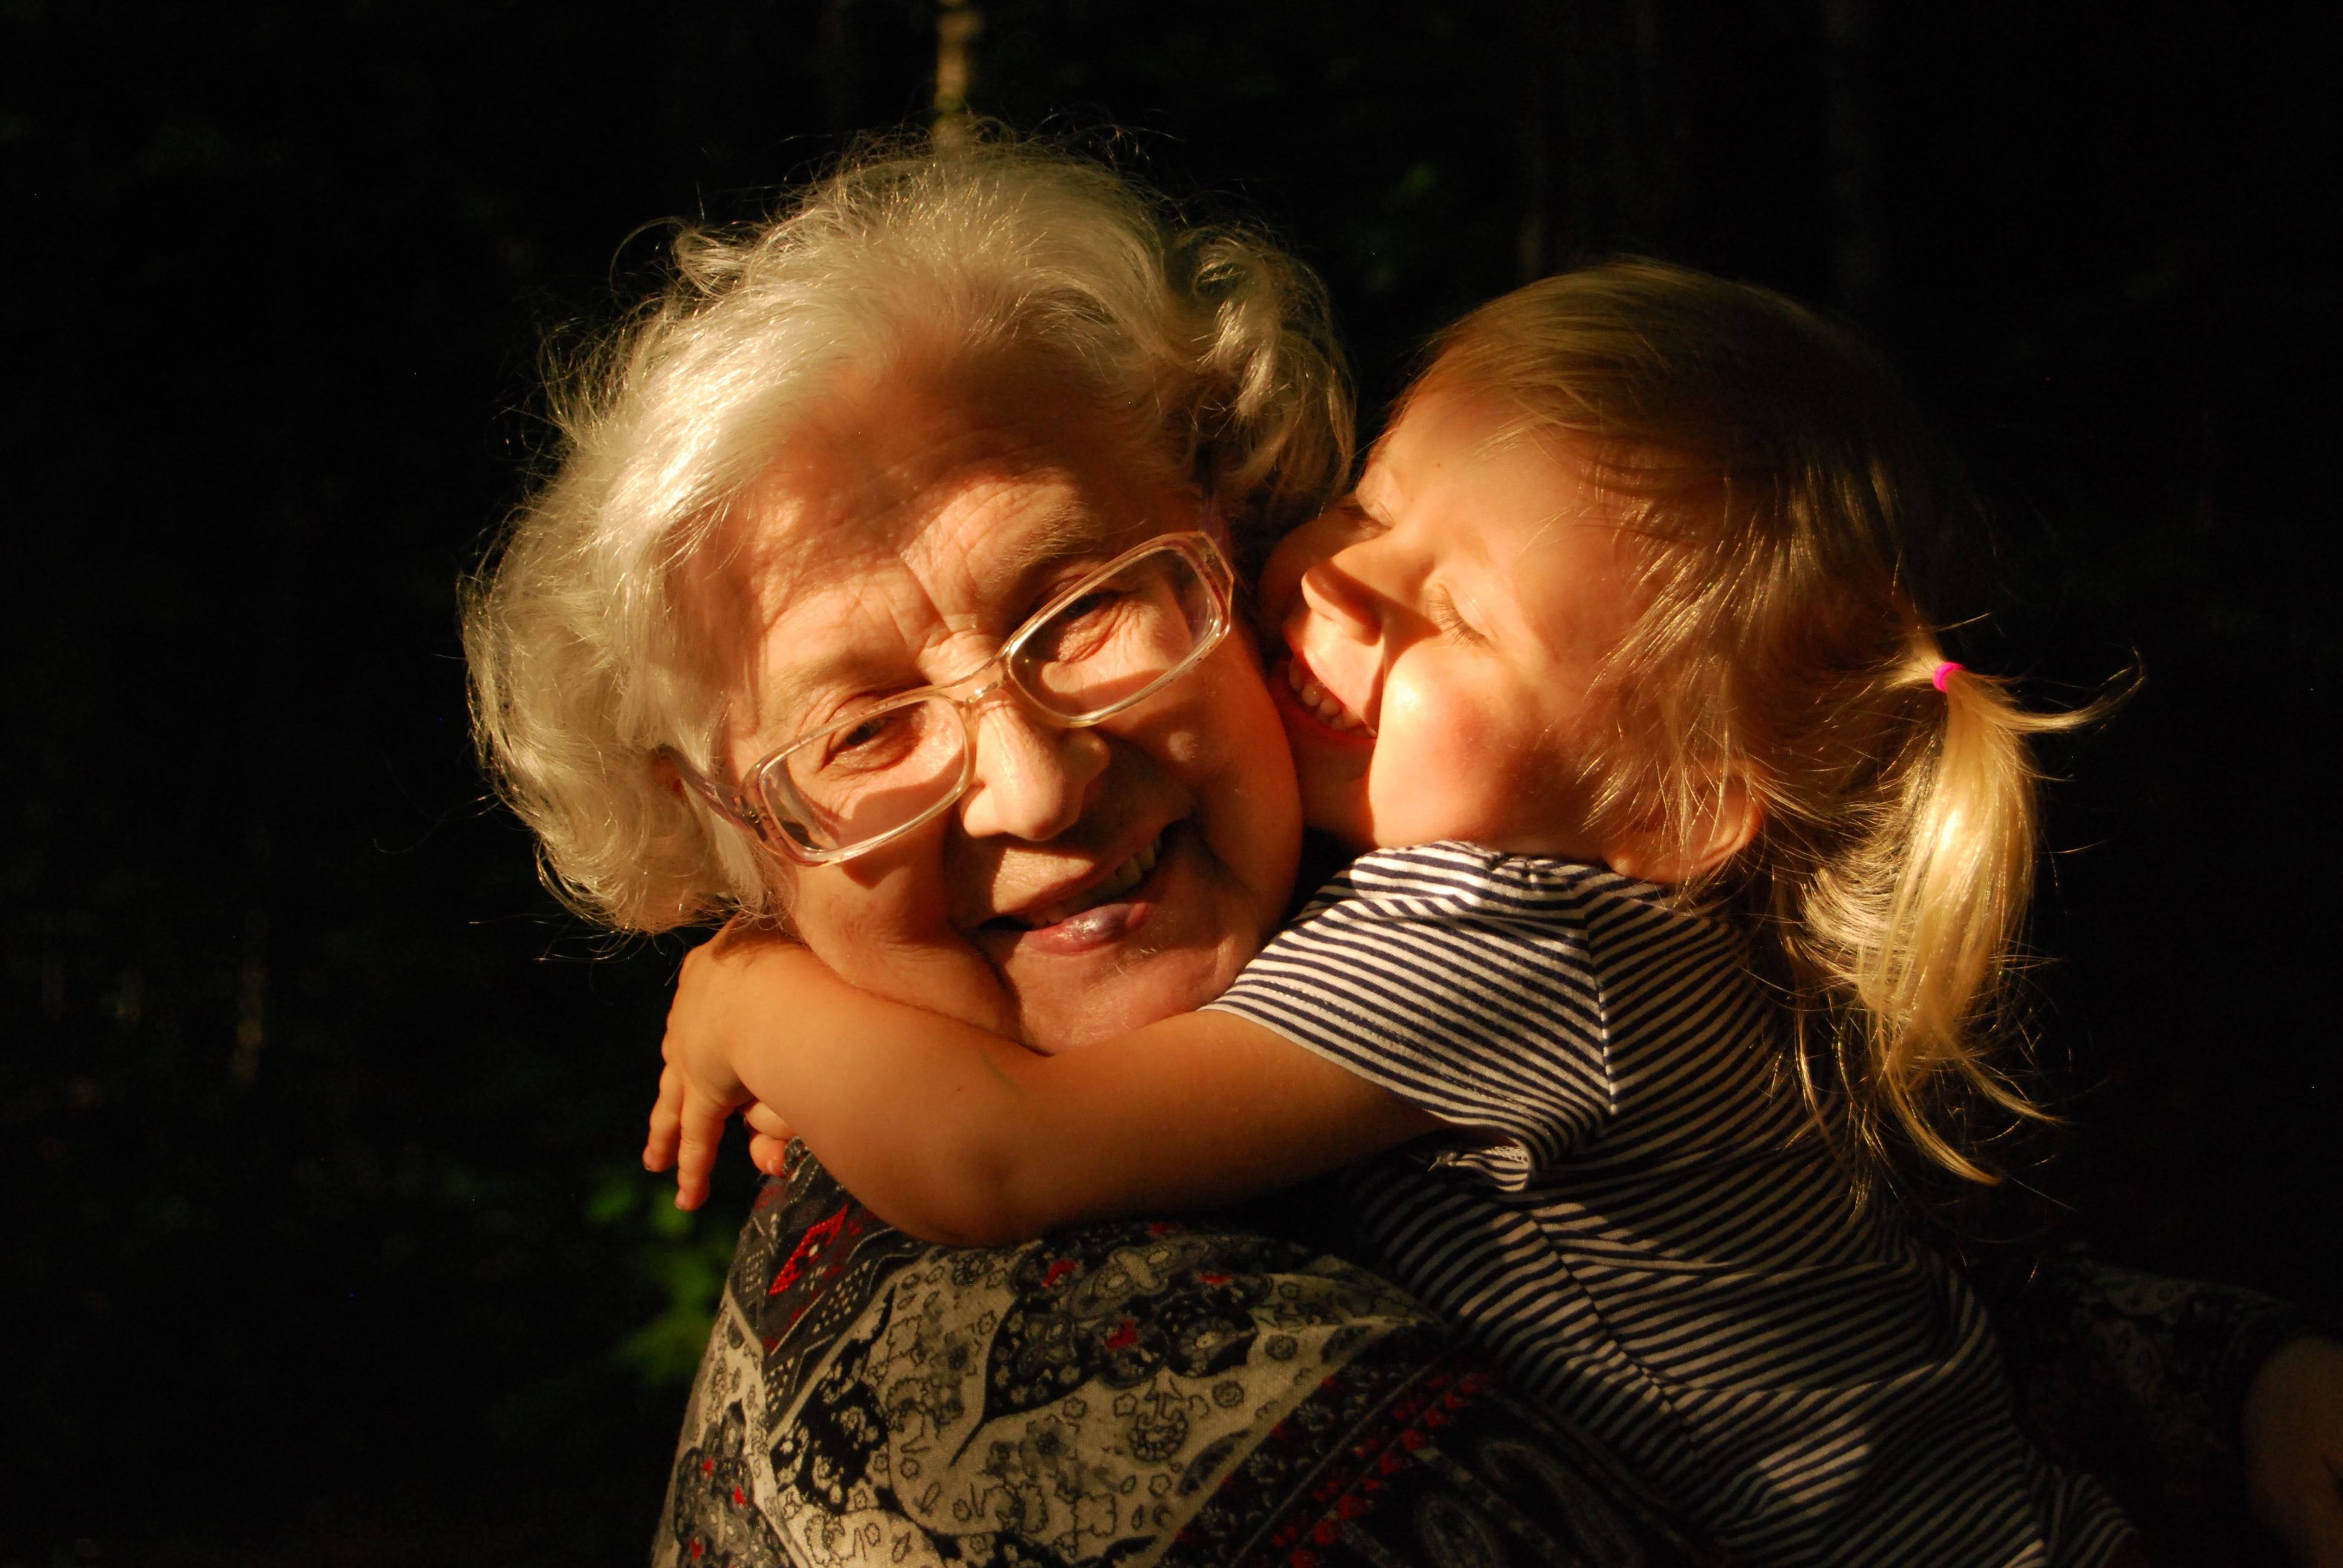 Eine Großtmutter, die ein Kind auf dem Arm hält.